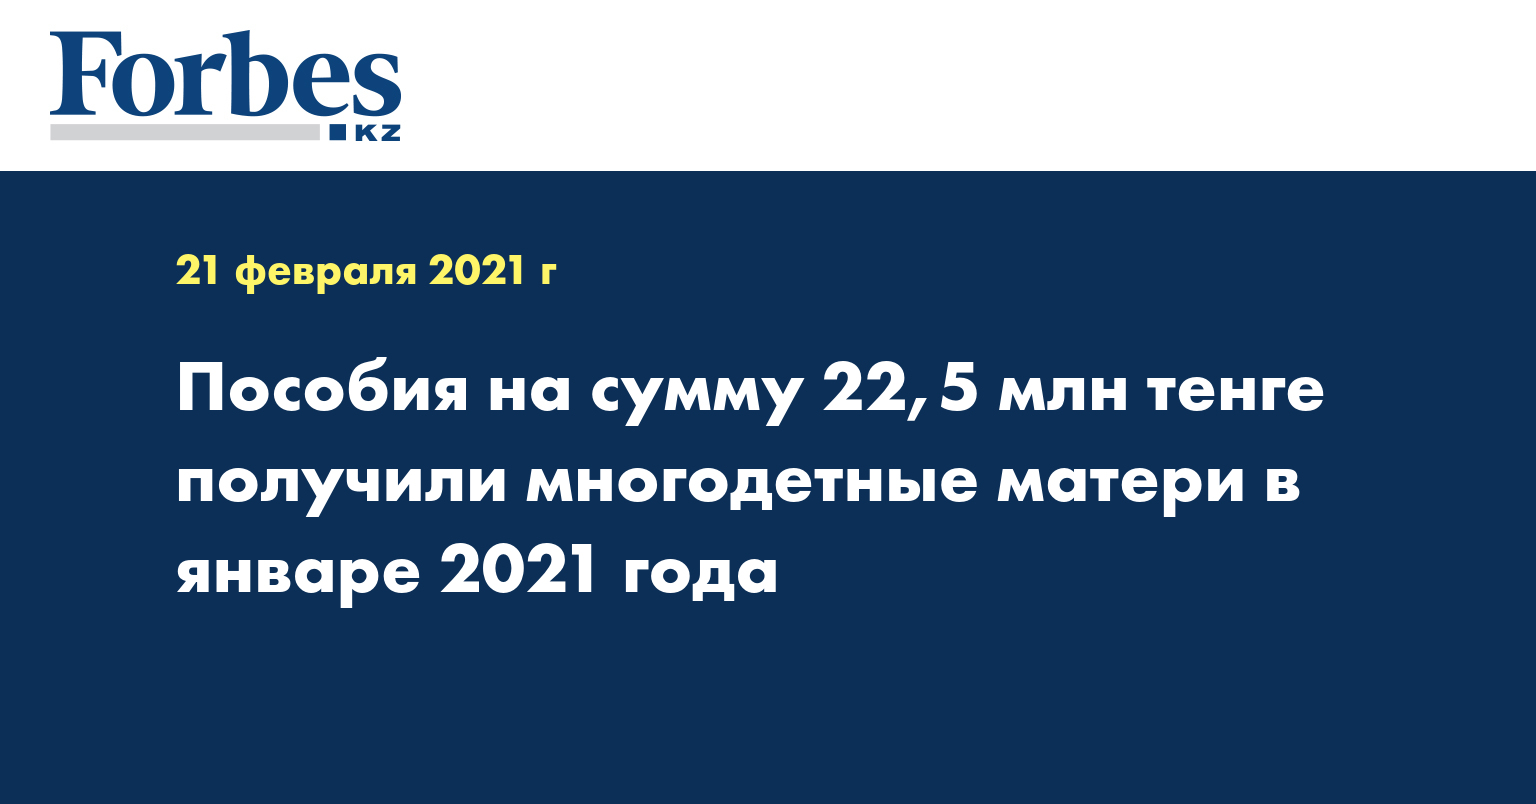 Пособия на сумму 22,5 млн тенге получили многодетные матери в январе 2021 года